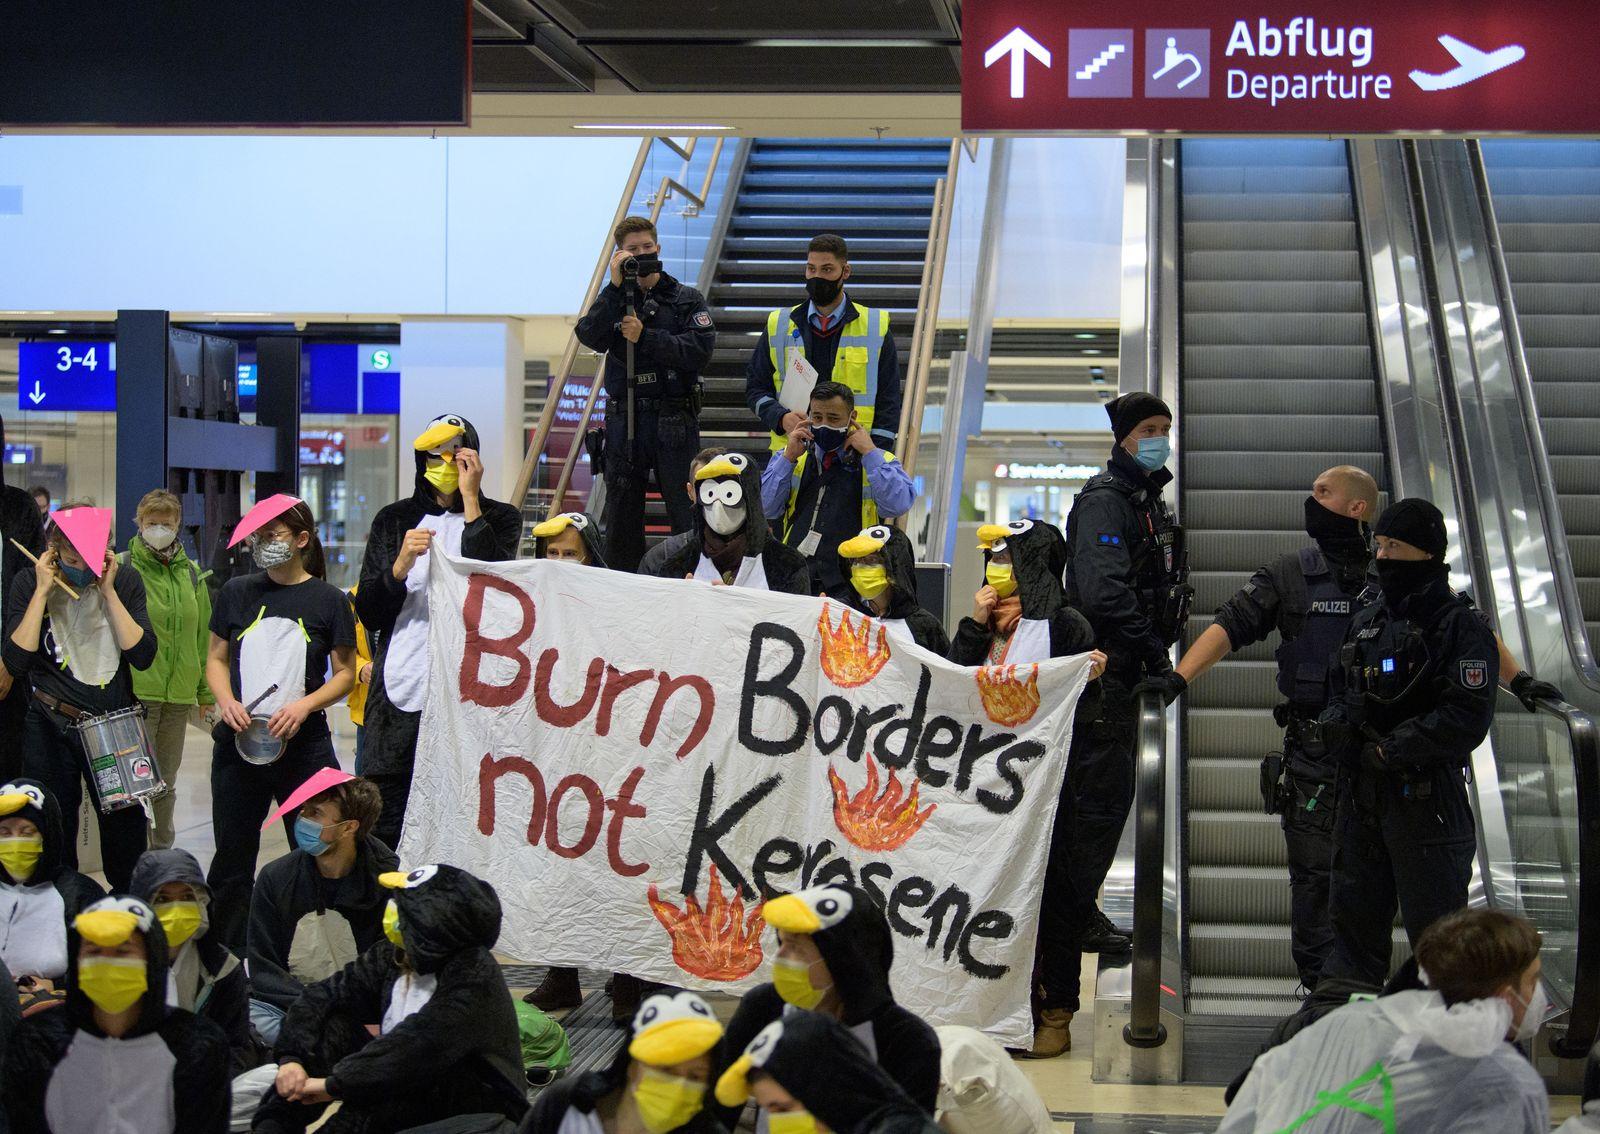 Eröffnung des Flughafens Berlin Brandenburg Willy Brandt (BER)